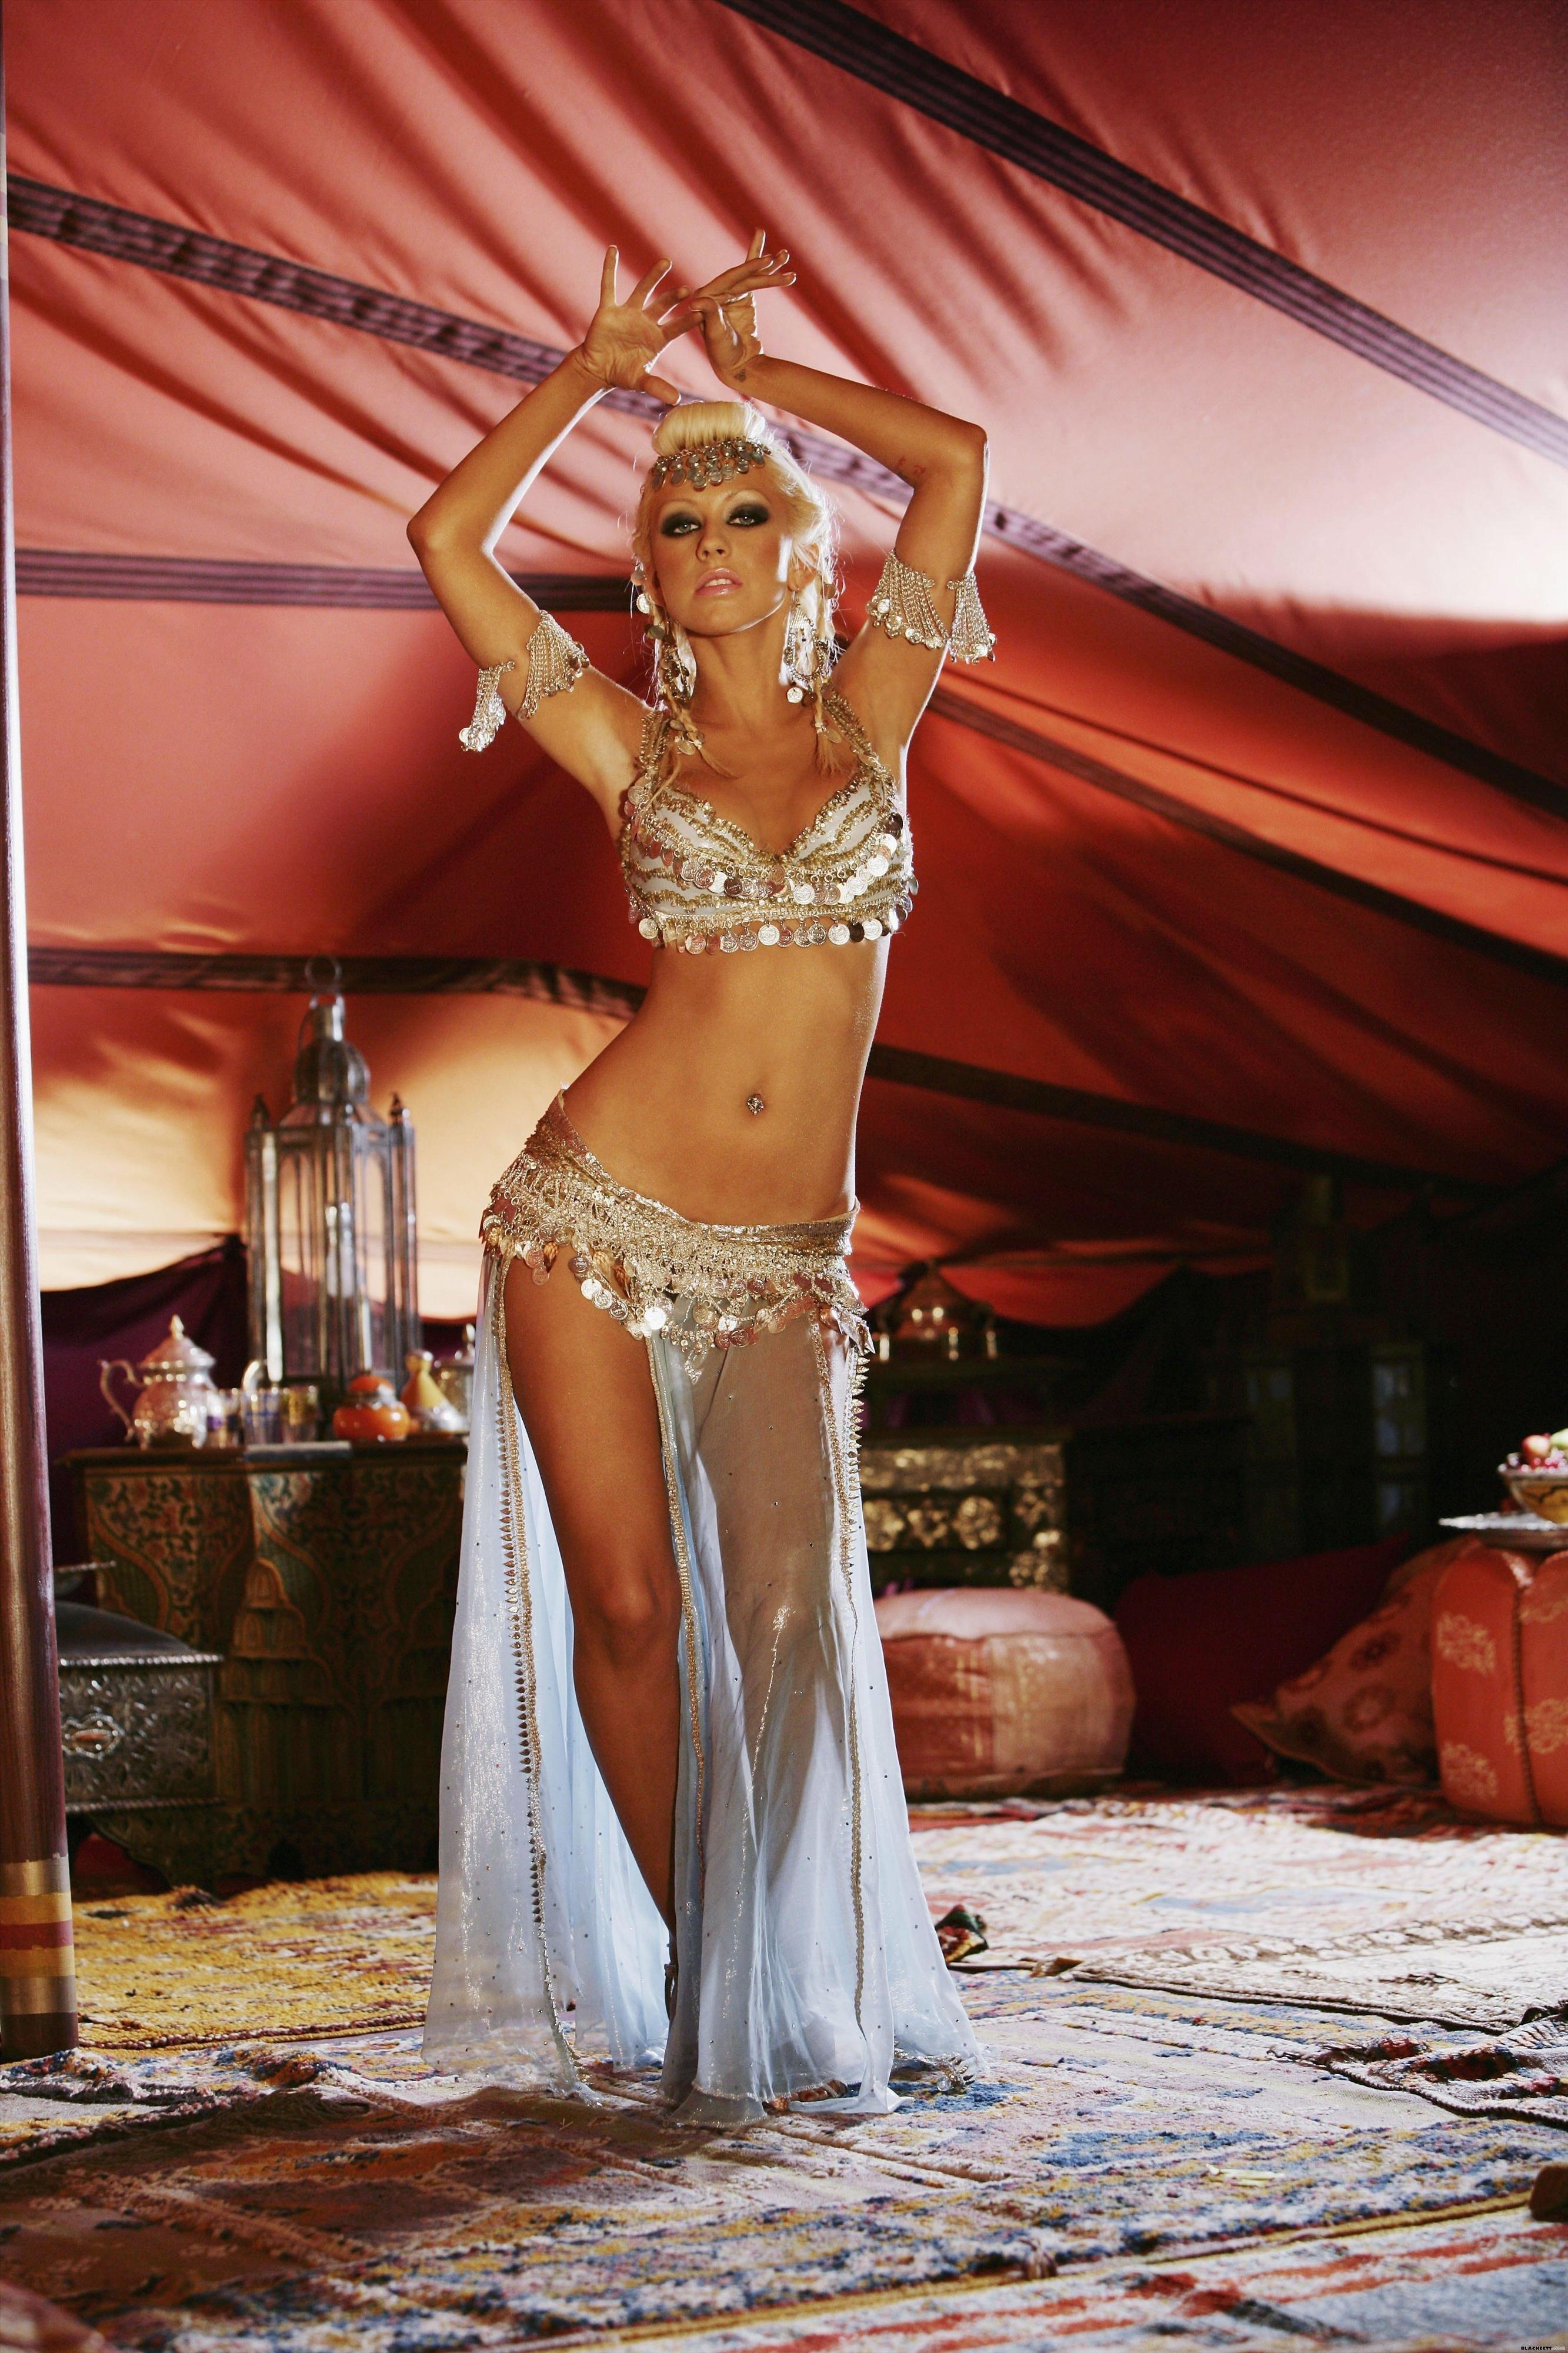 Фото араб и блондинка 19 фотография